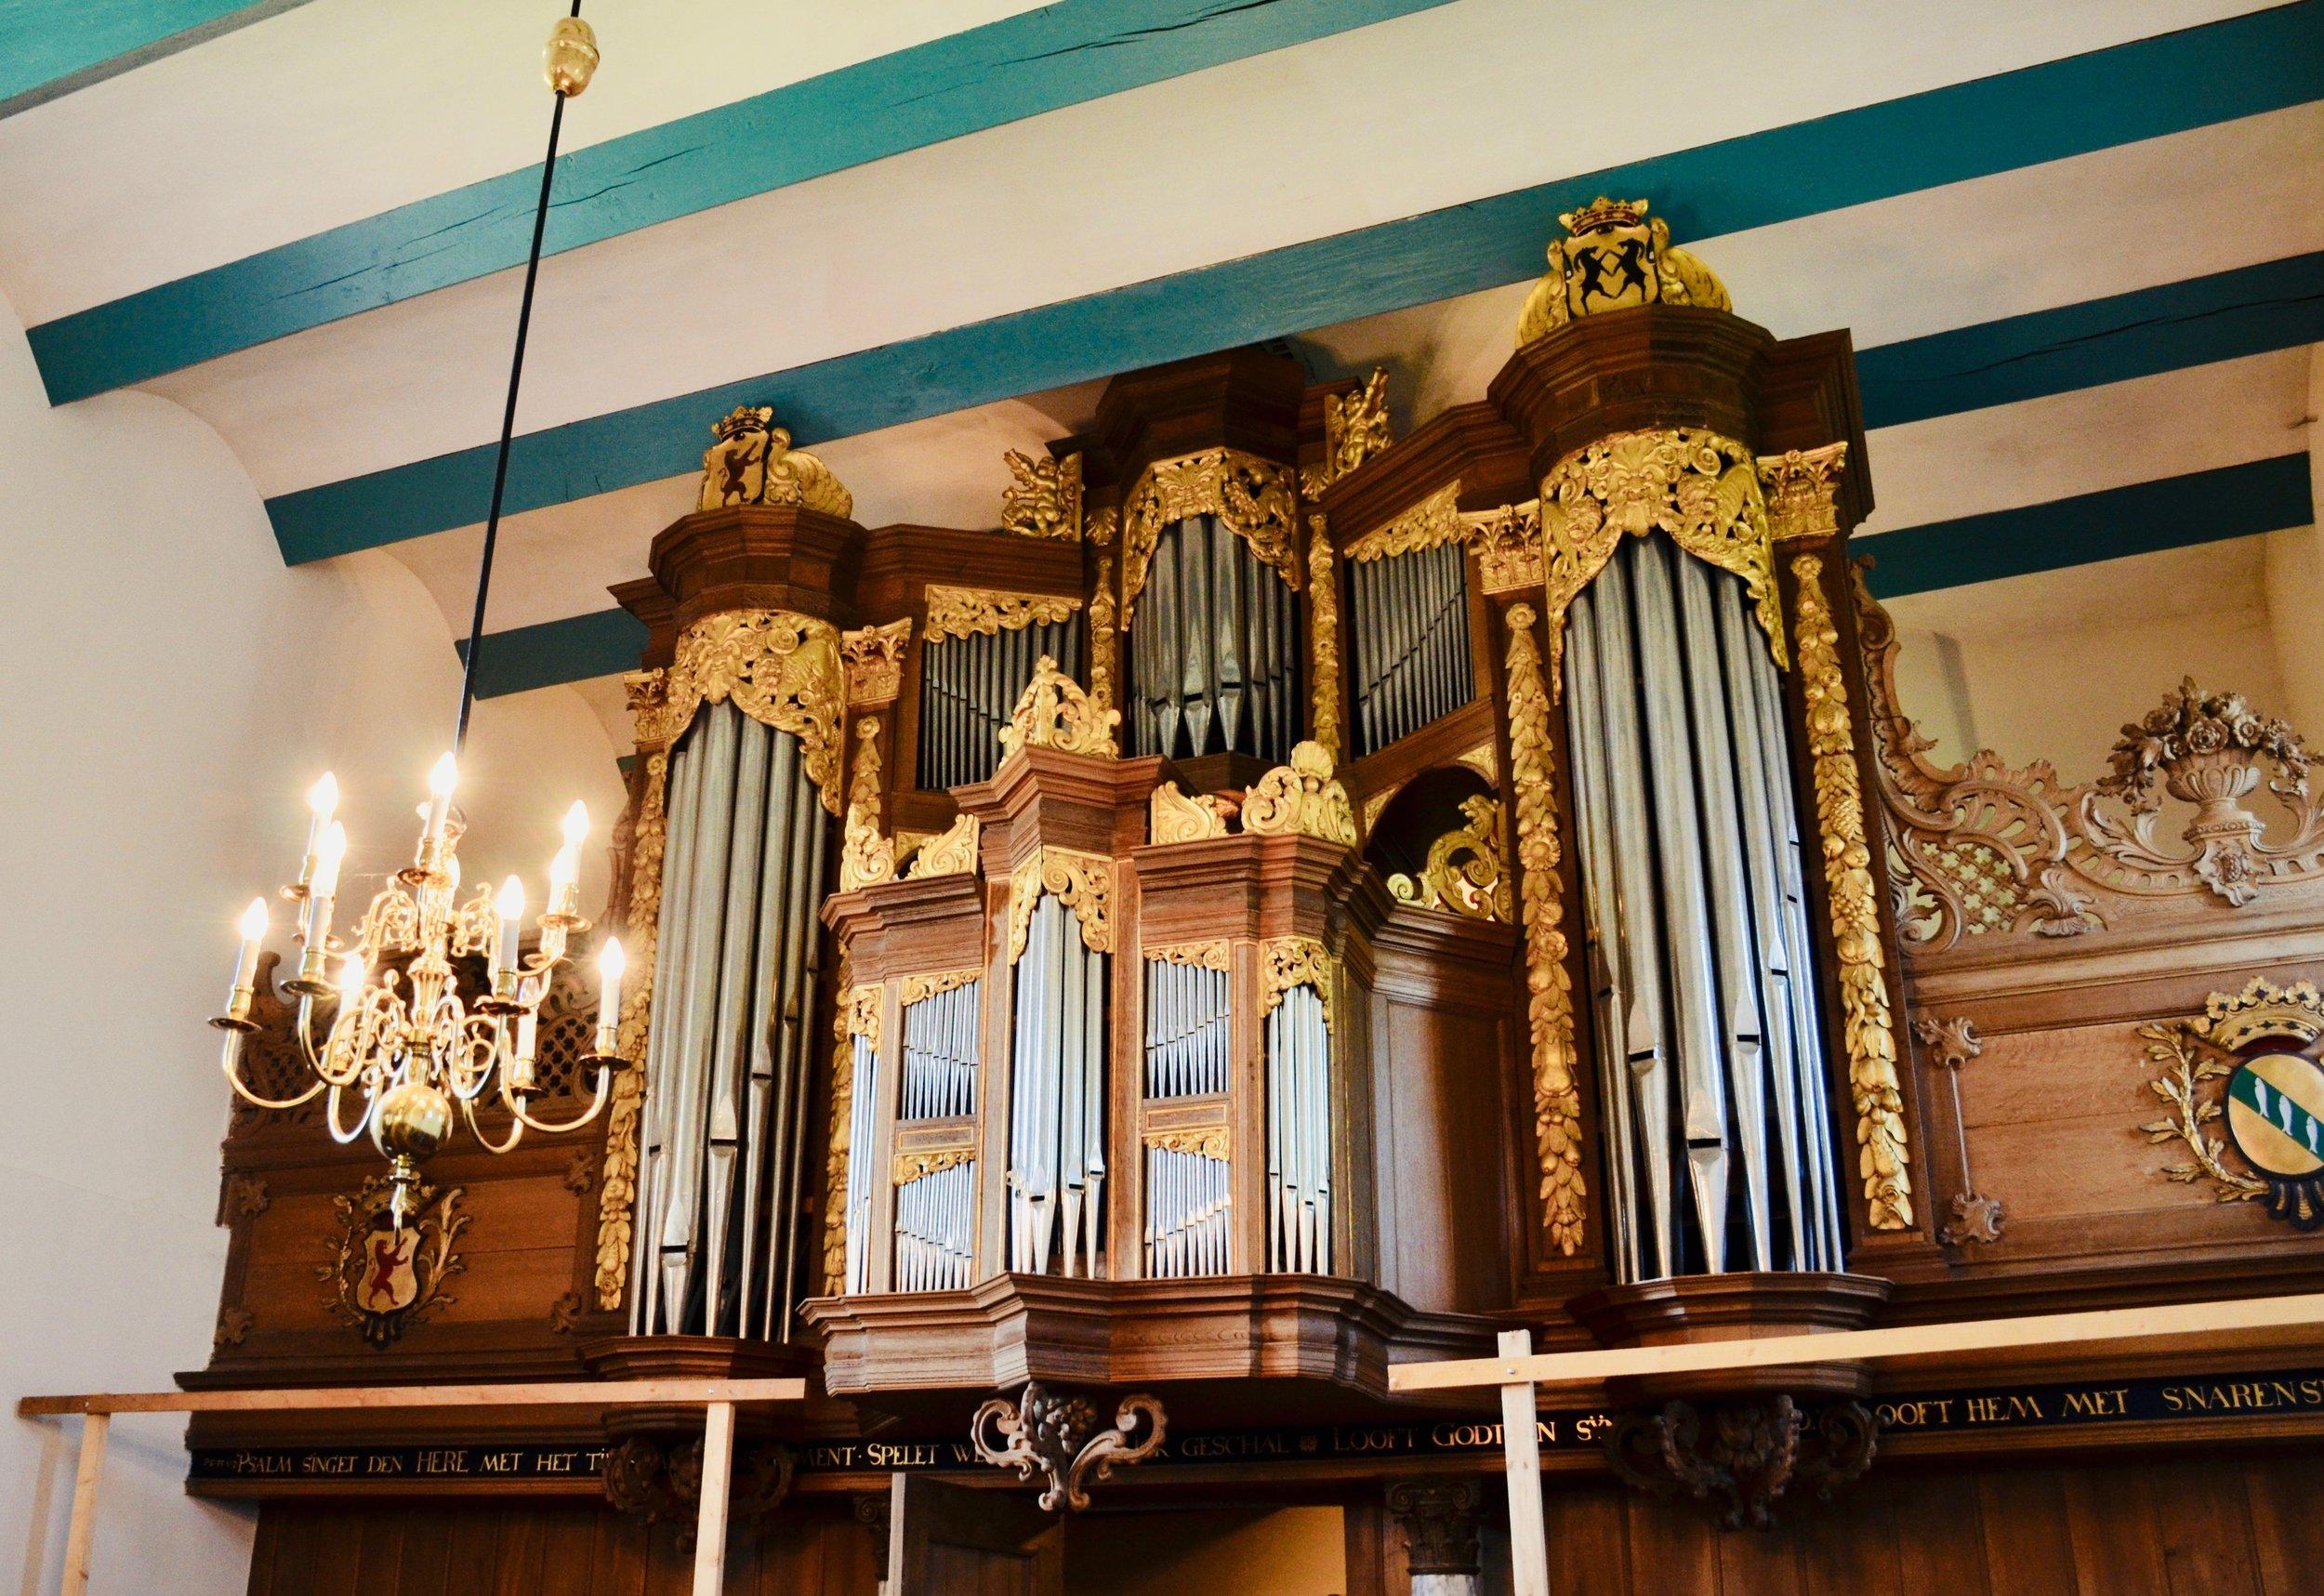 1667 Huis organ in Kantens, Holland.